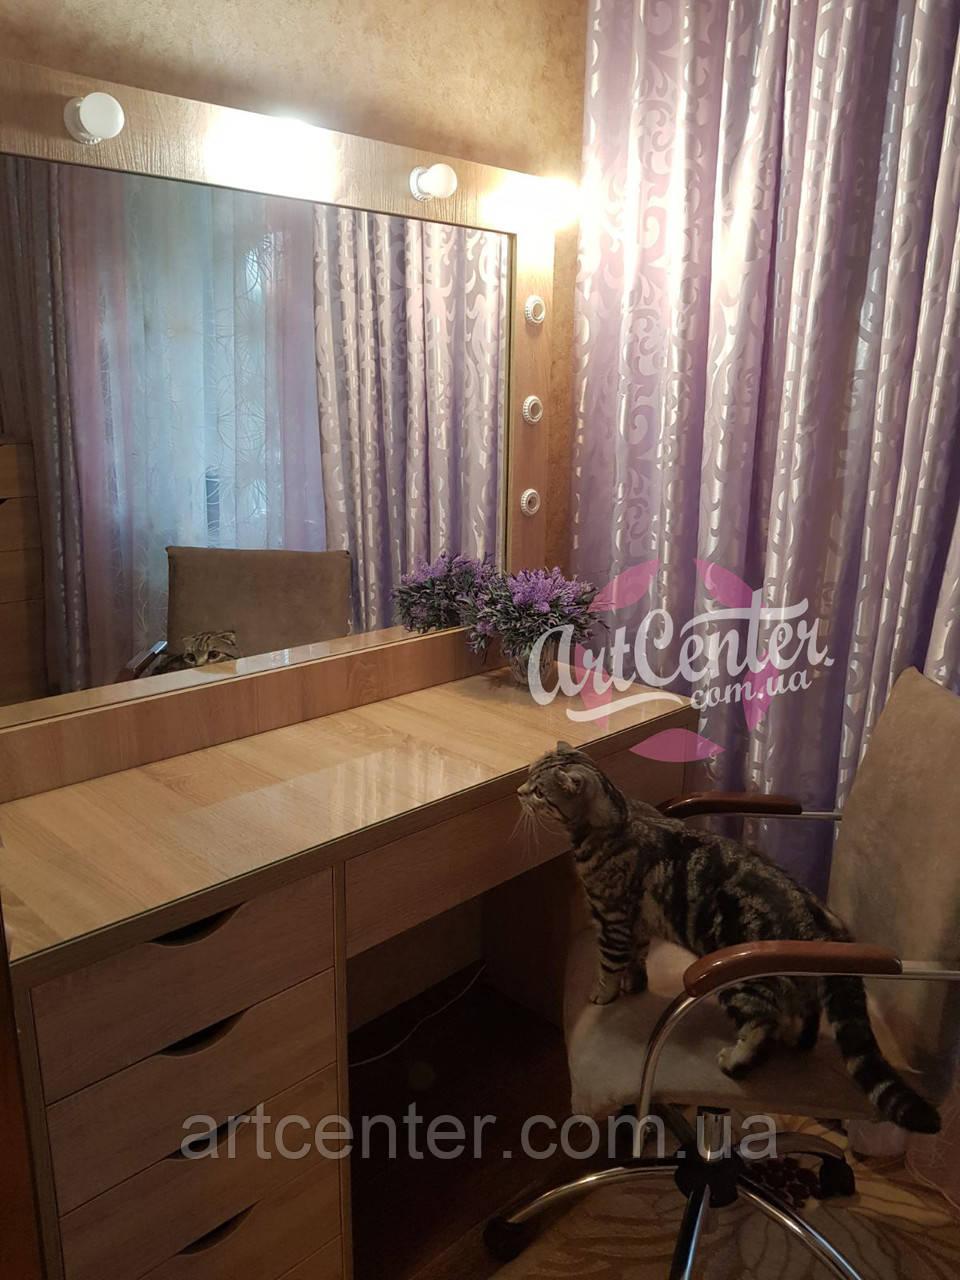 Туалетний столик з дзеркалом і склом на столі, дзеркало з включенням ламп через одну